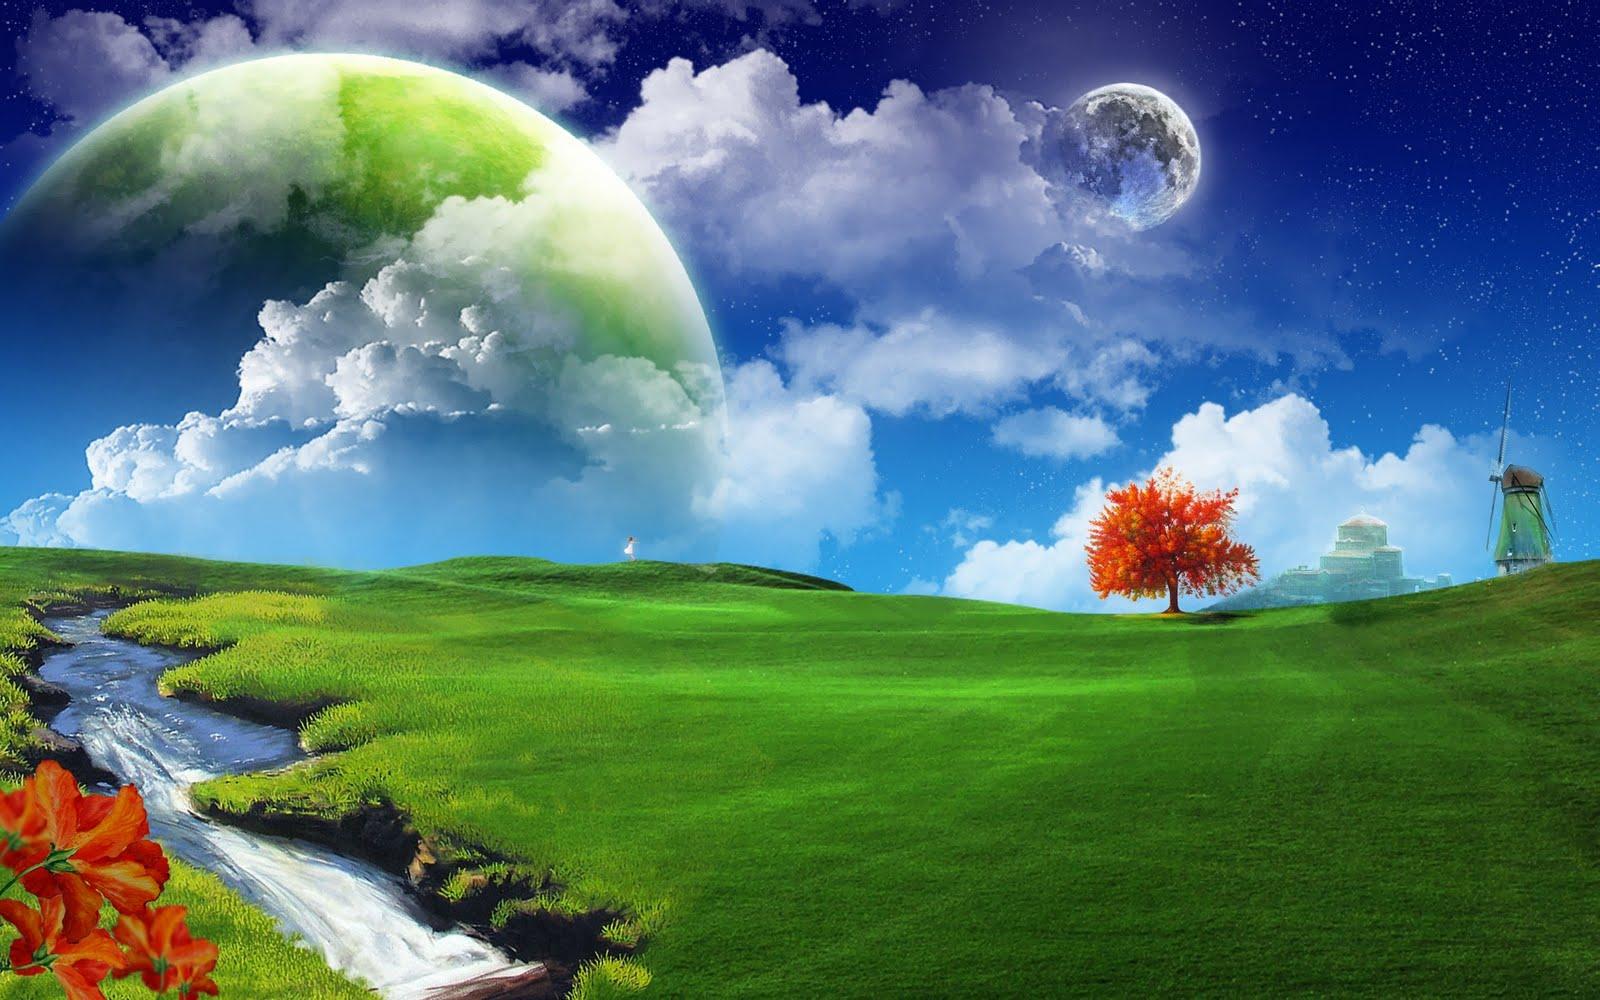 http://2.bp.blogspot.com/_2UbsSBz9ckE/SvwywfzqfII/AAAAAAAAAck/e85VOFqwS_s/s1600/Positive_Energy_1920%20x%201200%20widescreen.jpg